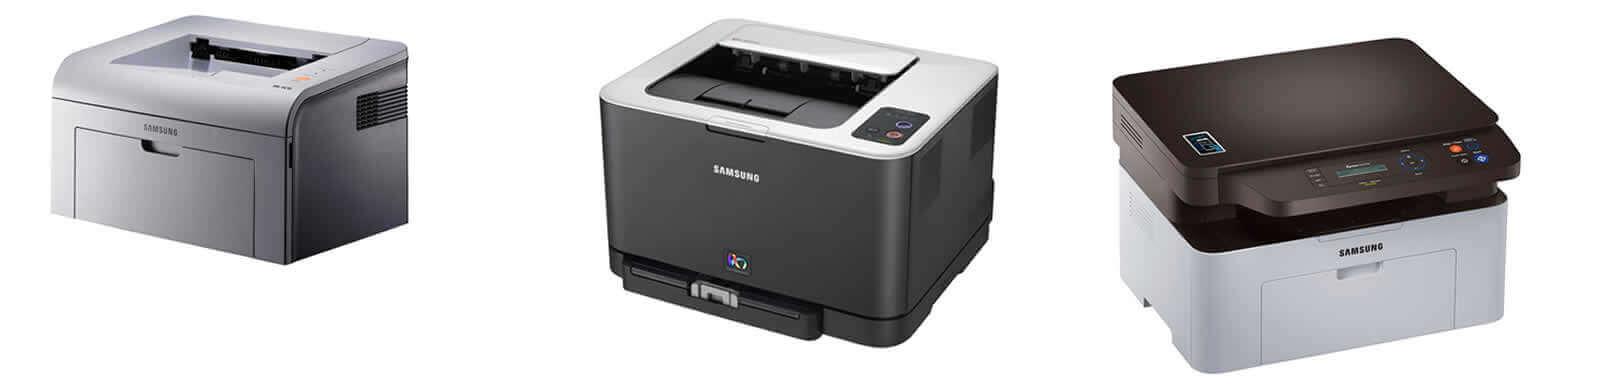 Outsourcing de Impressoras Samsung